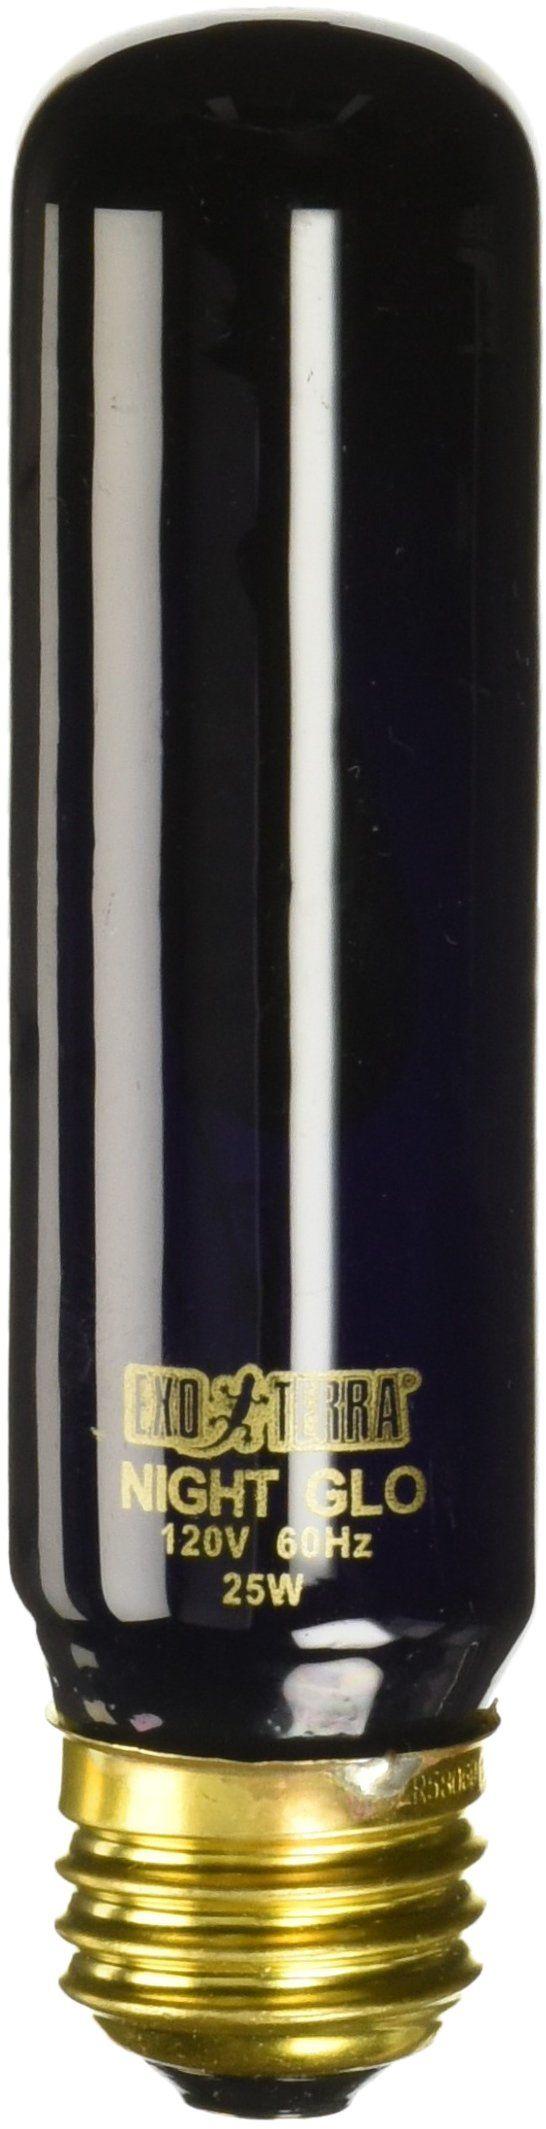 Exo Terra PT2122 nocna lampa grzewcza, 25 W